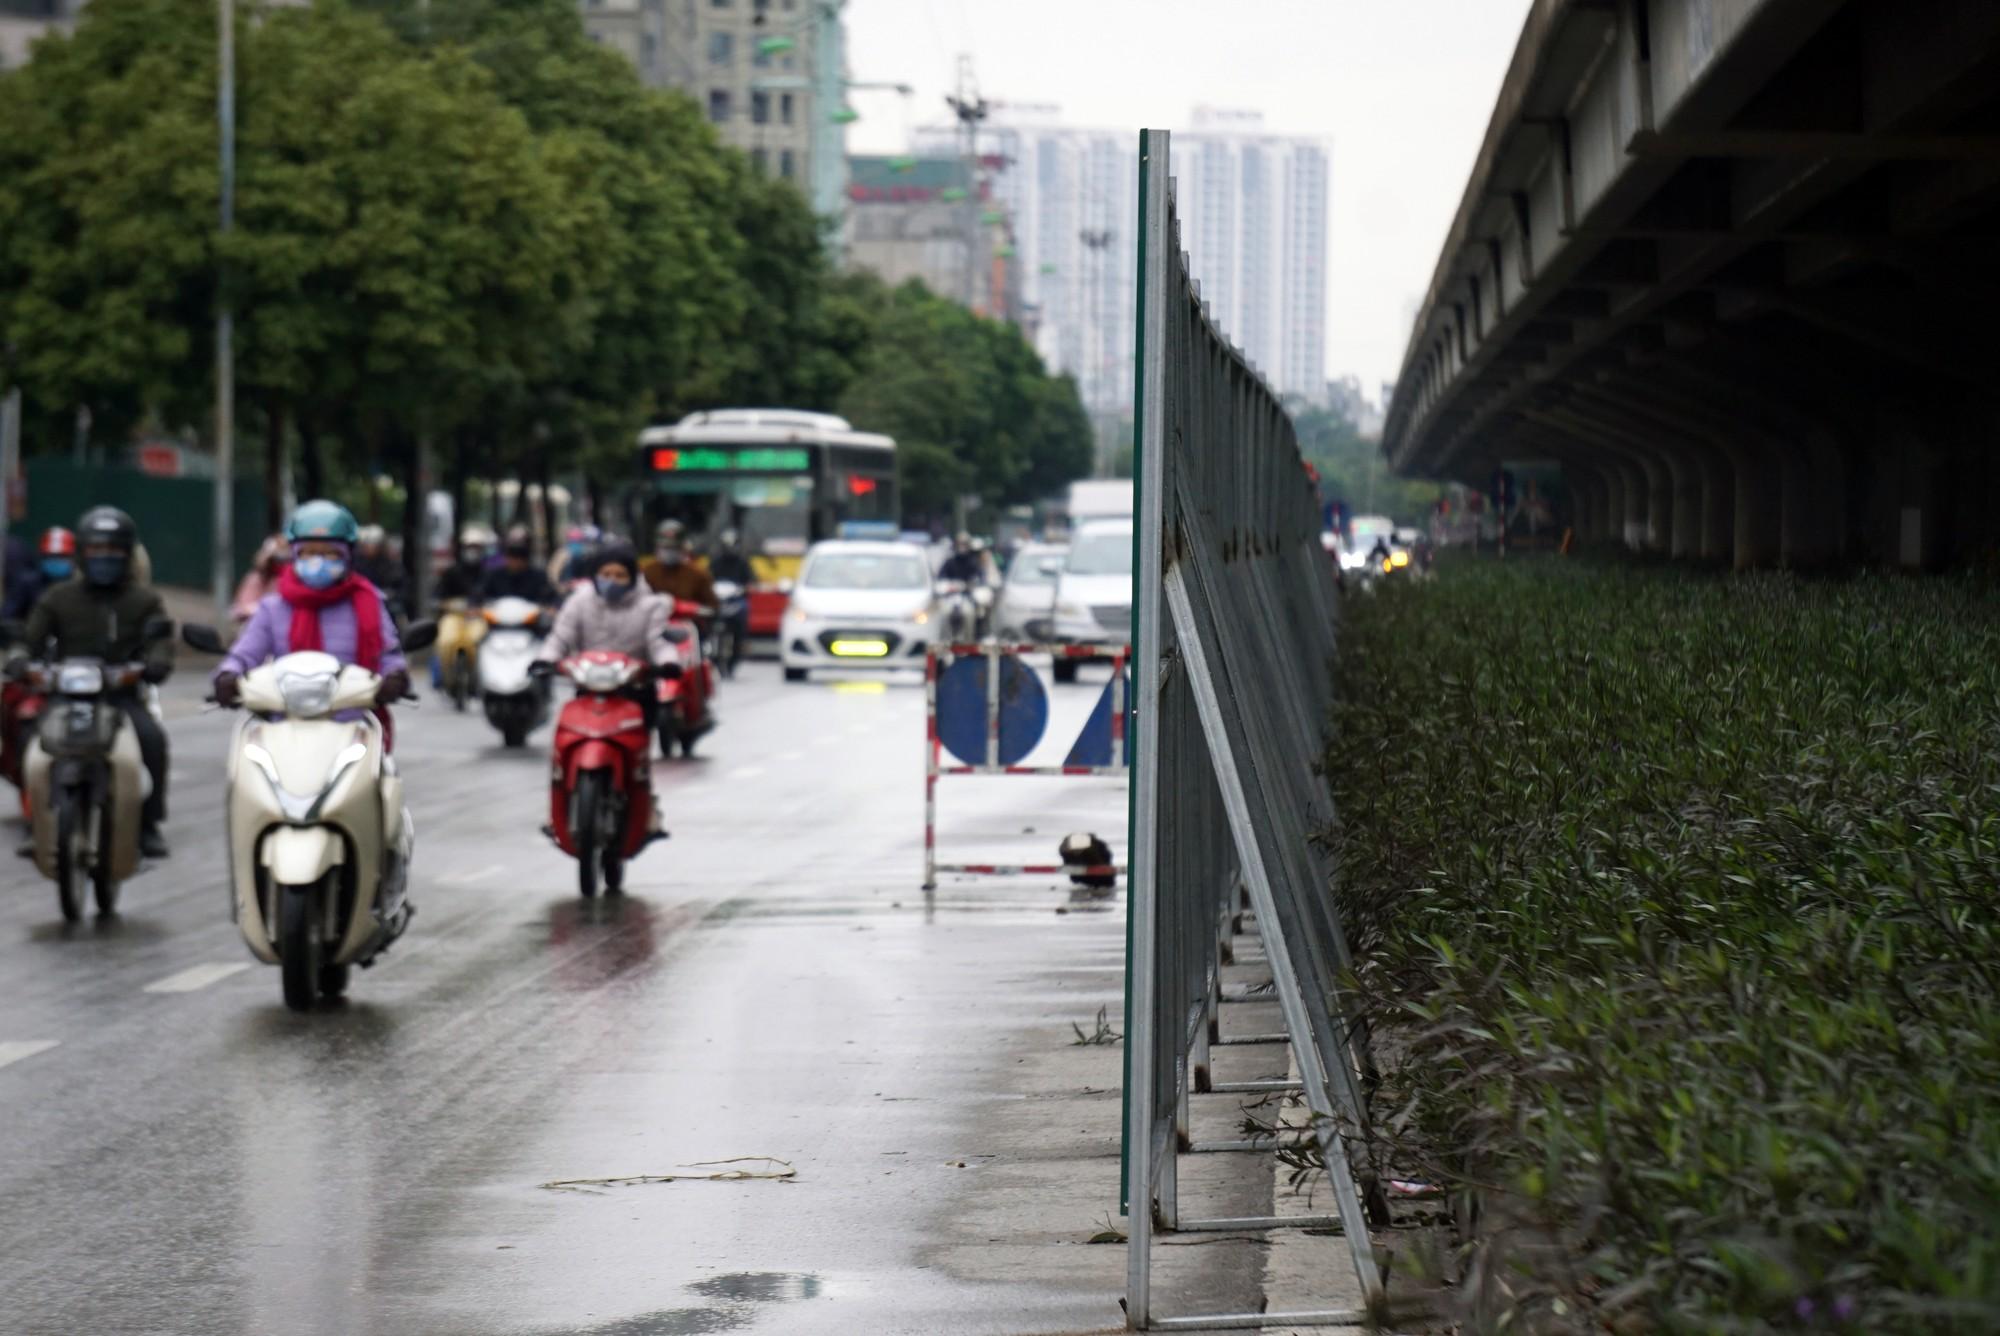 Đường Vành đai 3 xén xong dải phân cách chống ùn tắc, xe máy vẫn phải lao lên vỉa hè  - Ảnh 1.